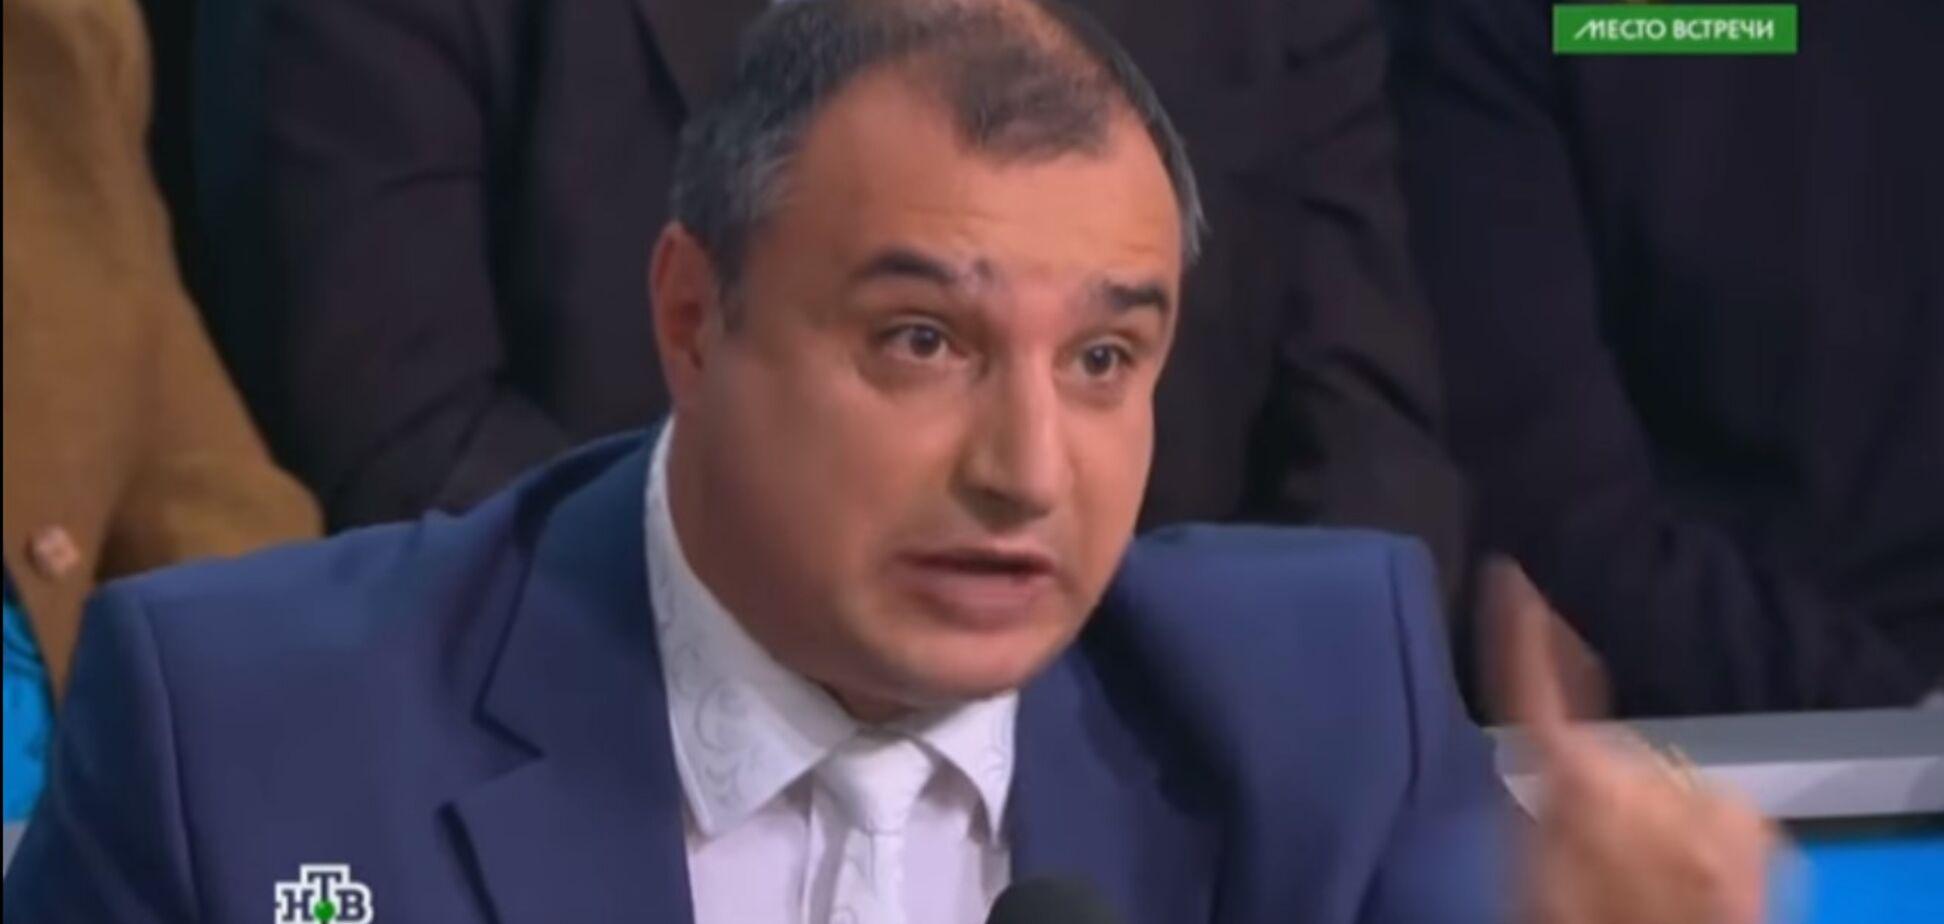 'Правый сектор' вырезал бы нас': сепаратист Клинчаев поблагодарил Россию за оккупацию Донбасса